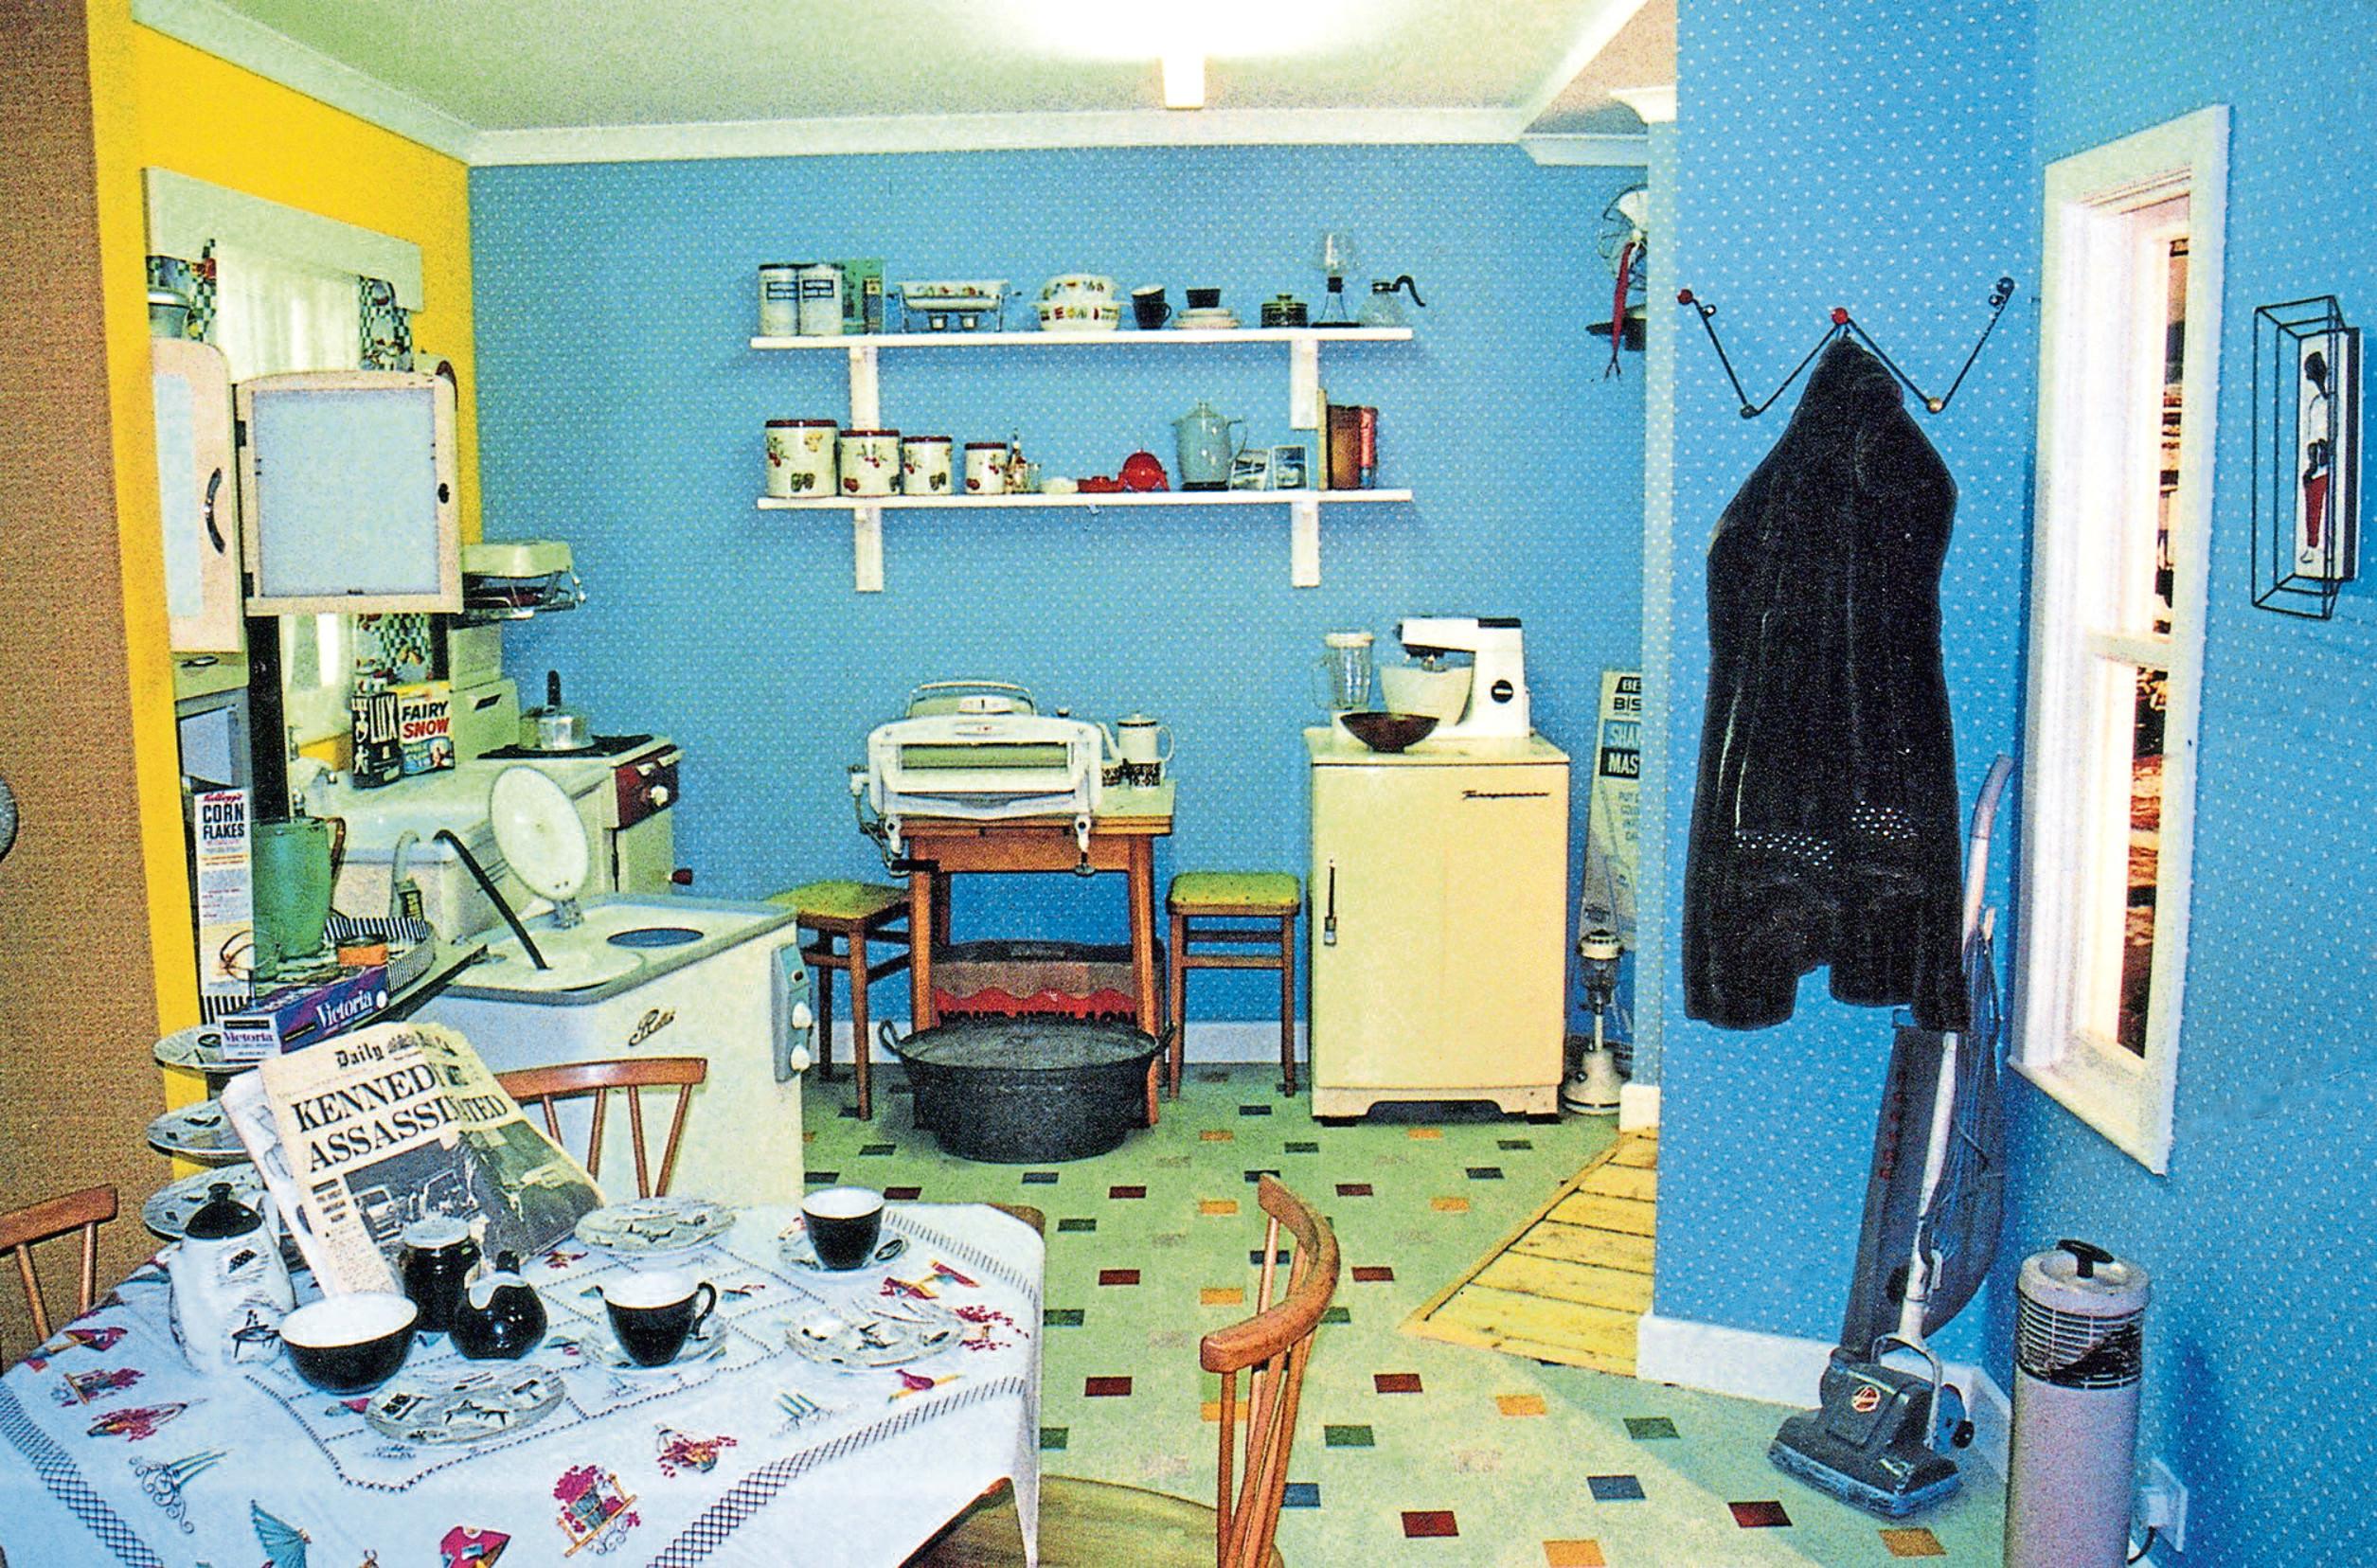 1960s household